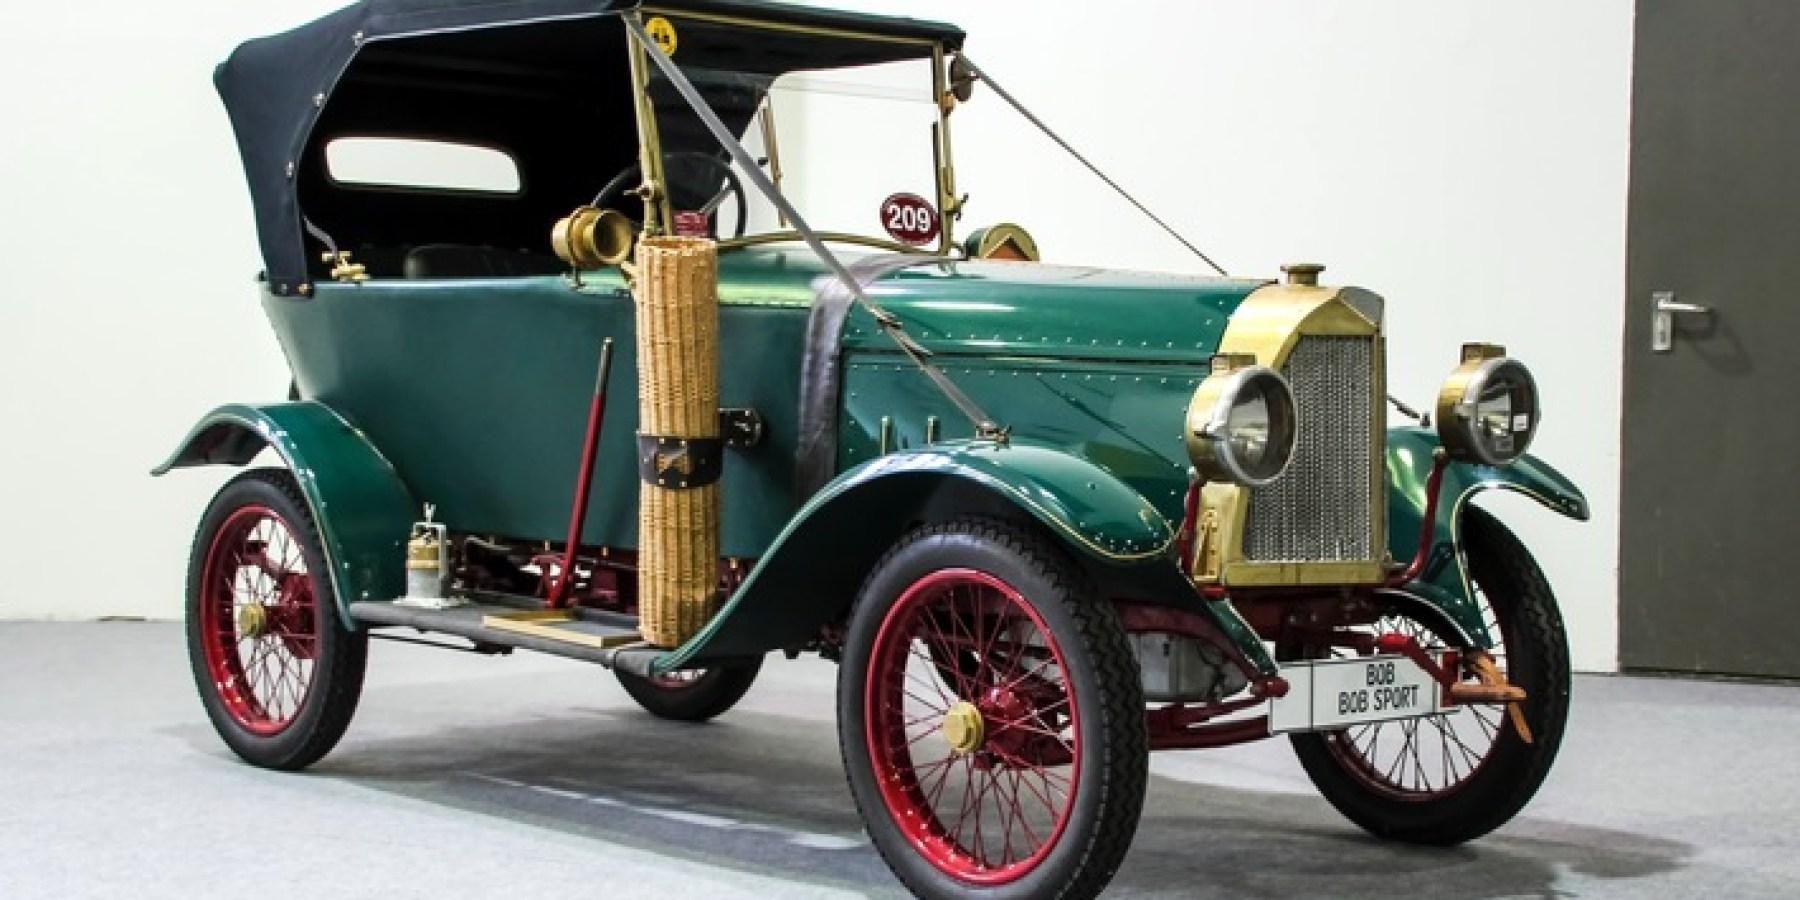 Sonderschau zeigt einzige verbliebene Exemplare aus der Blütezeit des Berliner Automobilbaus